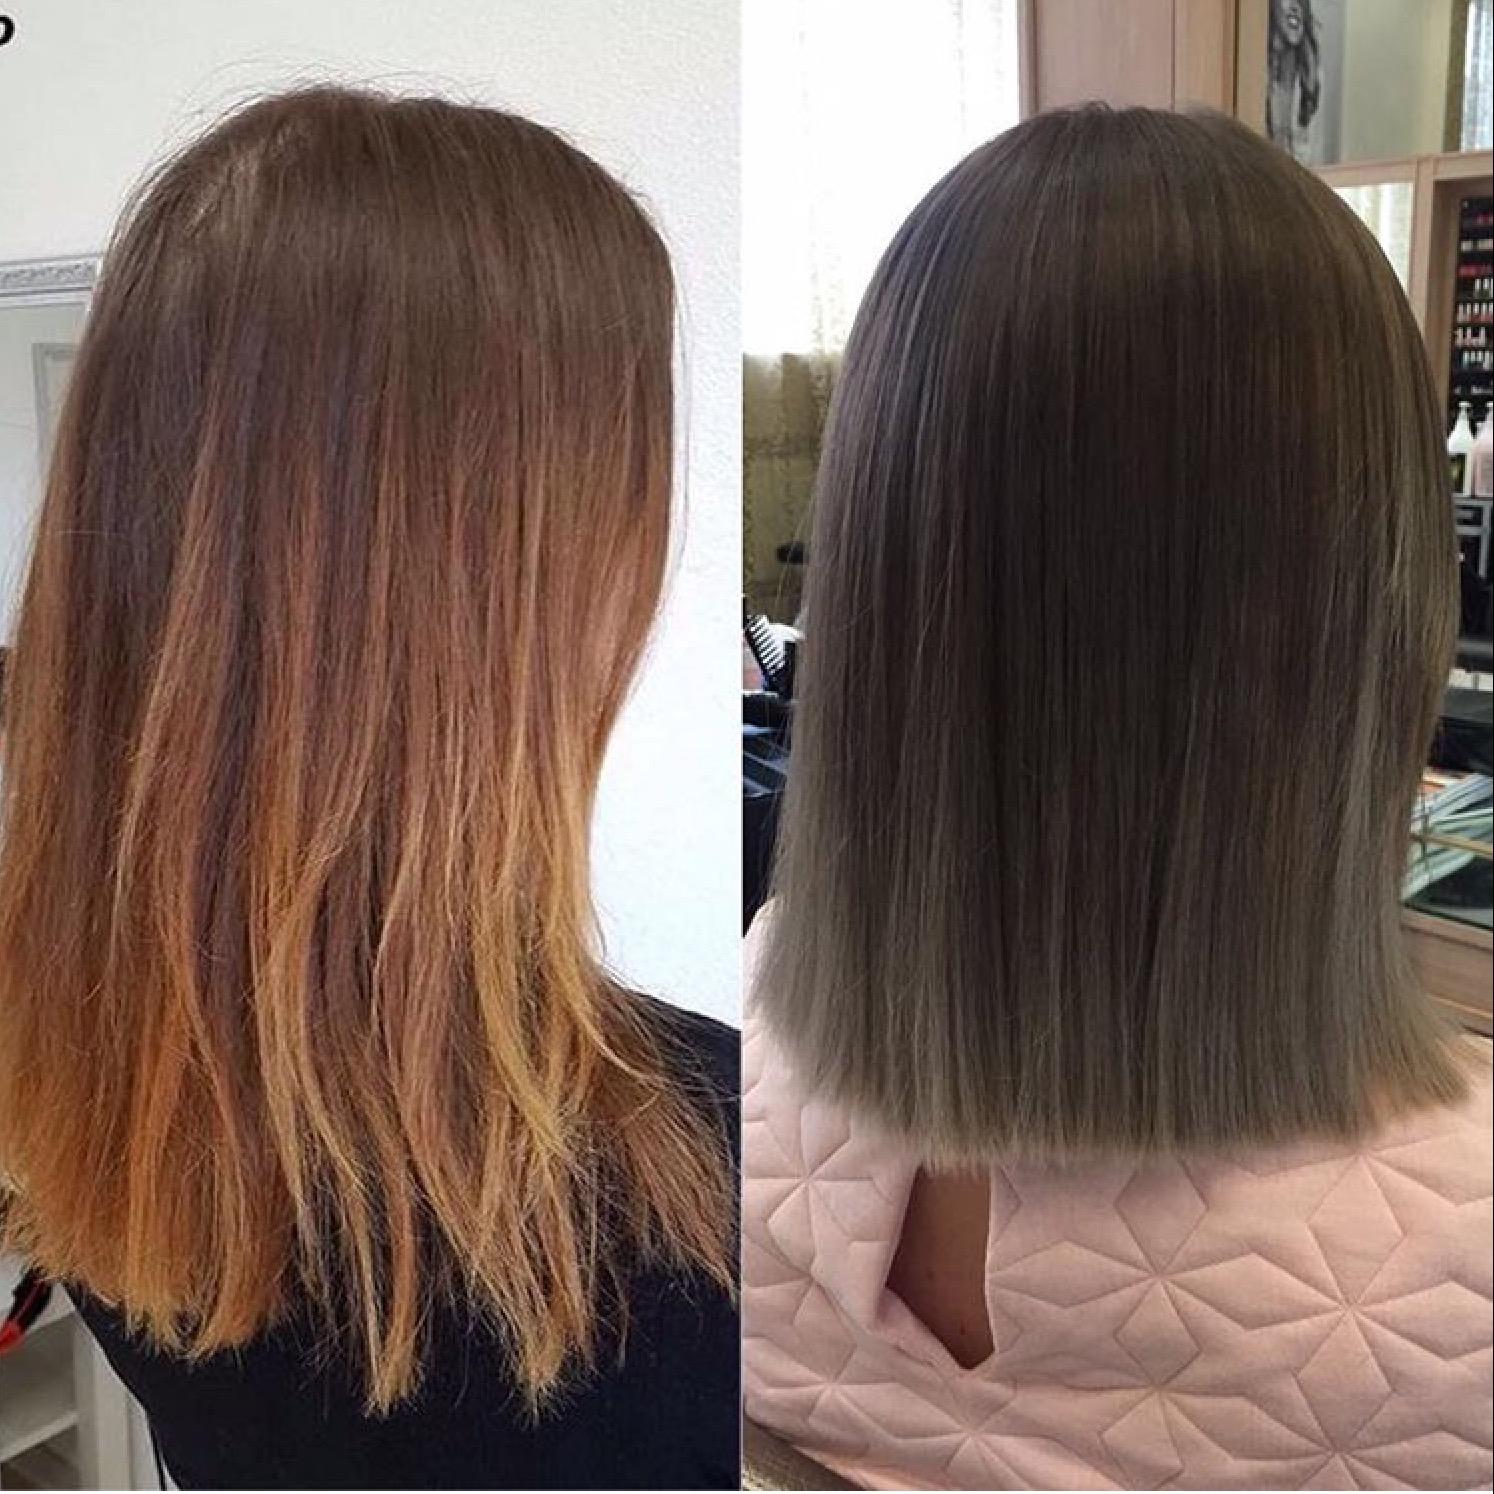 Тонировка волос: фото до и после, выбор средств, отзывы - luv.ru